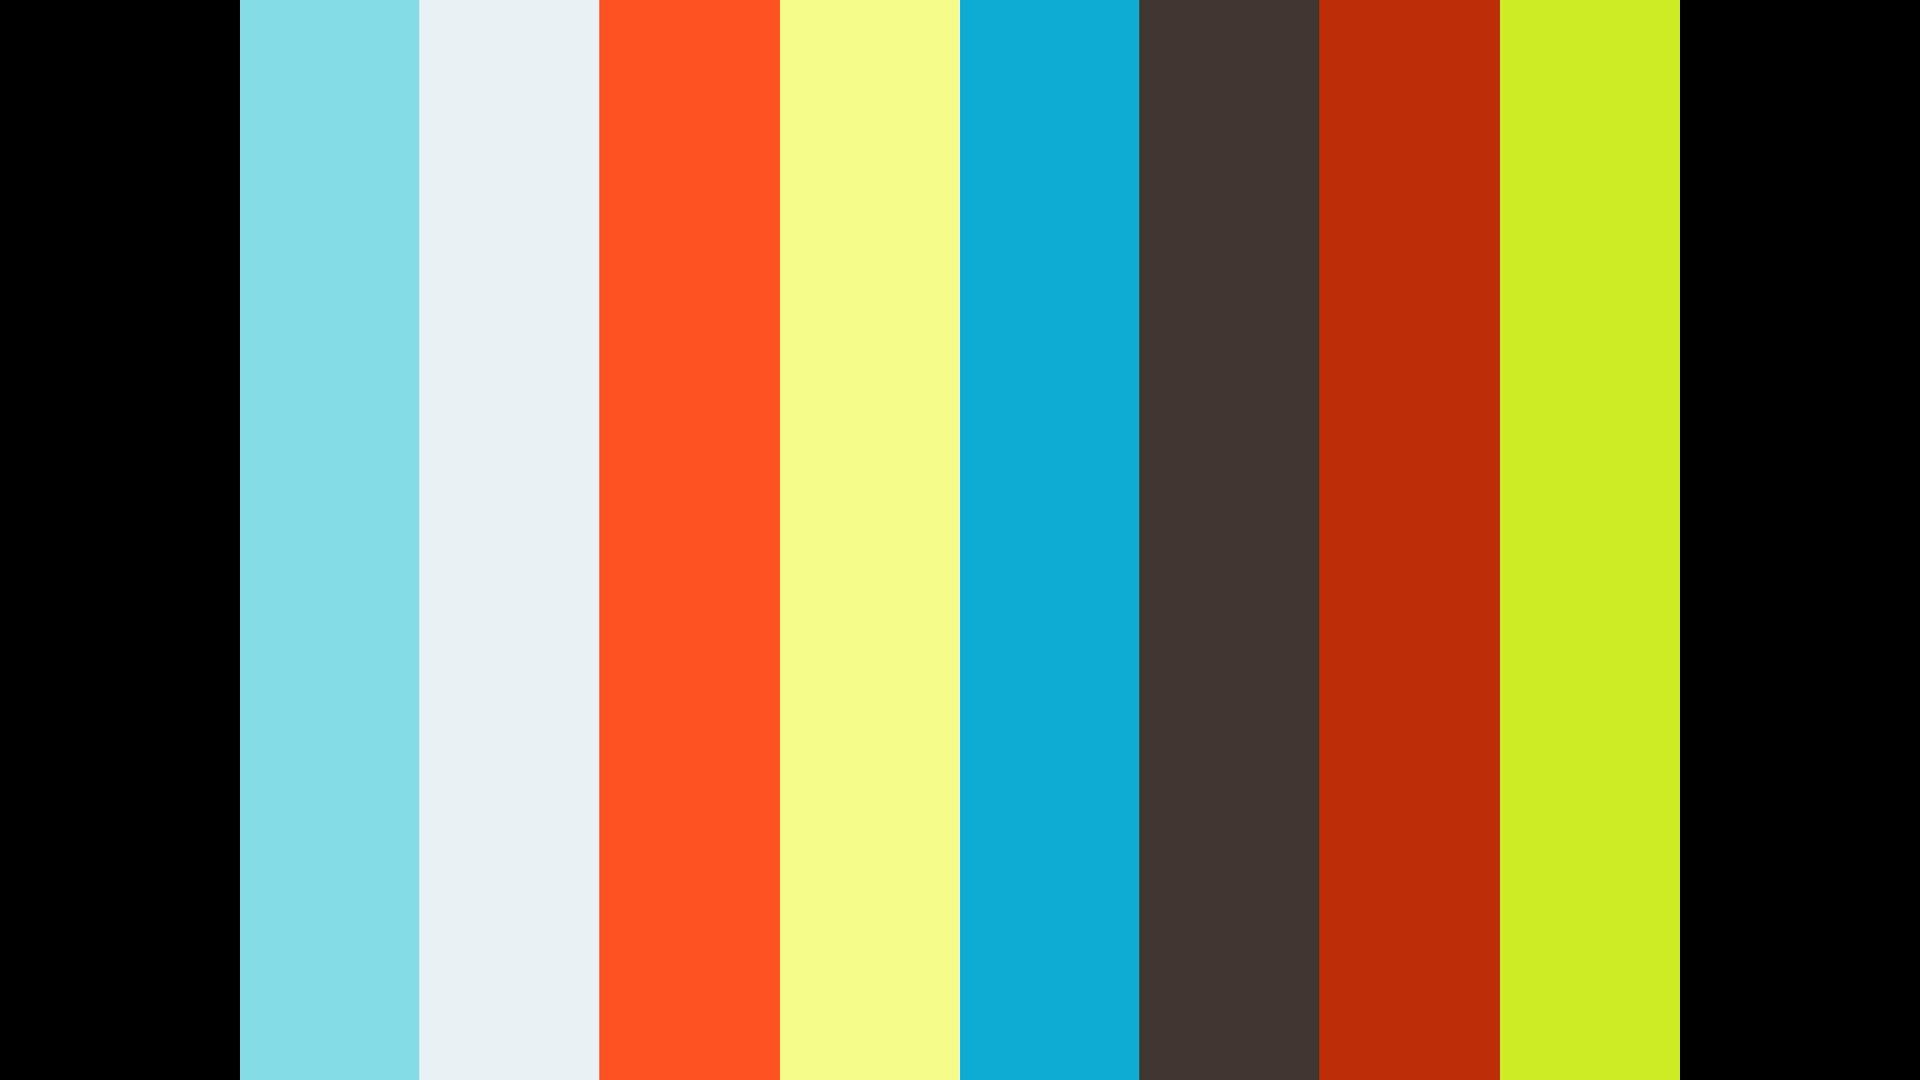 12/12/12 Однажды на земле … приготовление Тортилья де пататас!